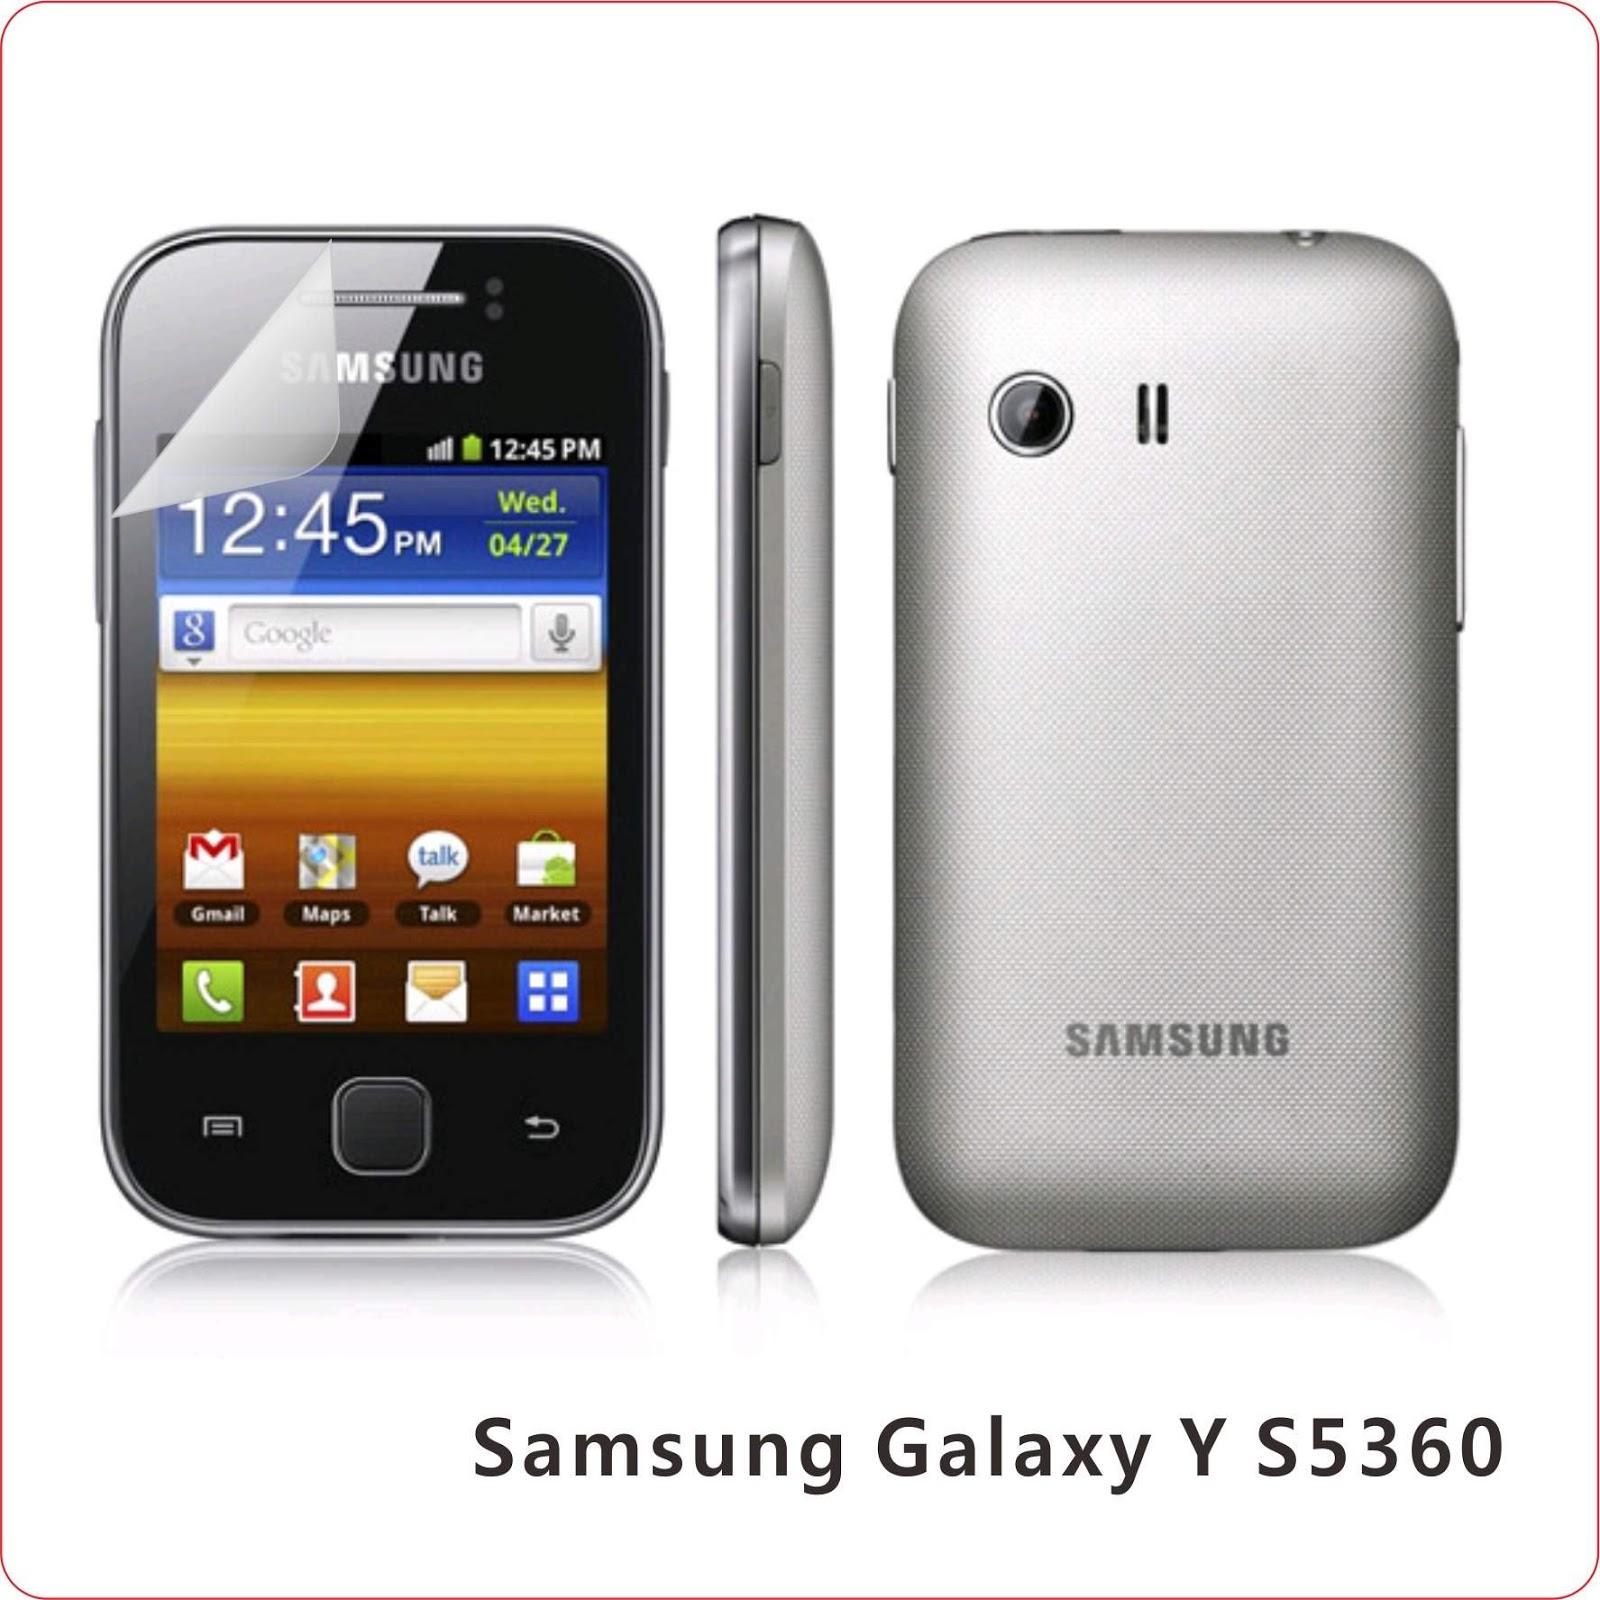 Samsung e339 flash file